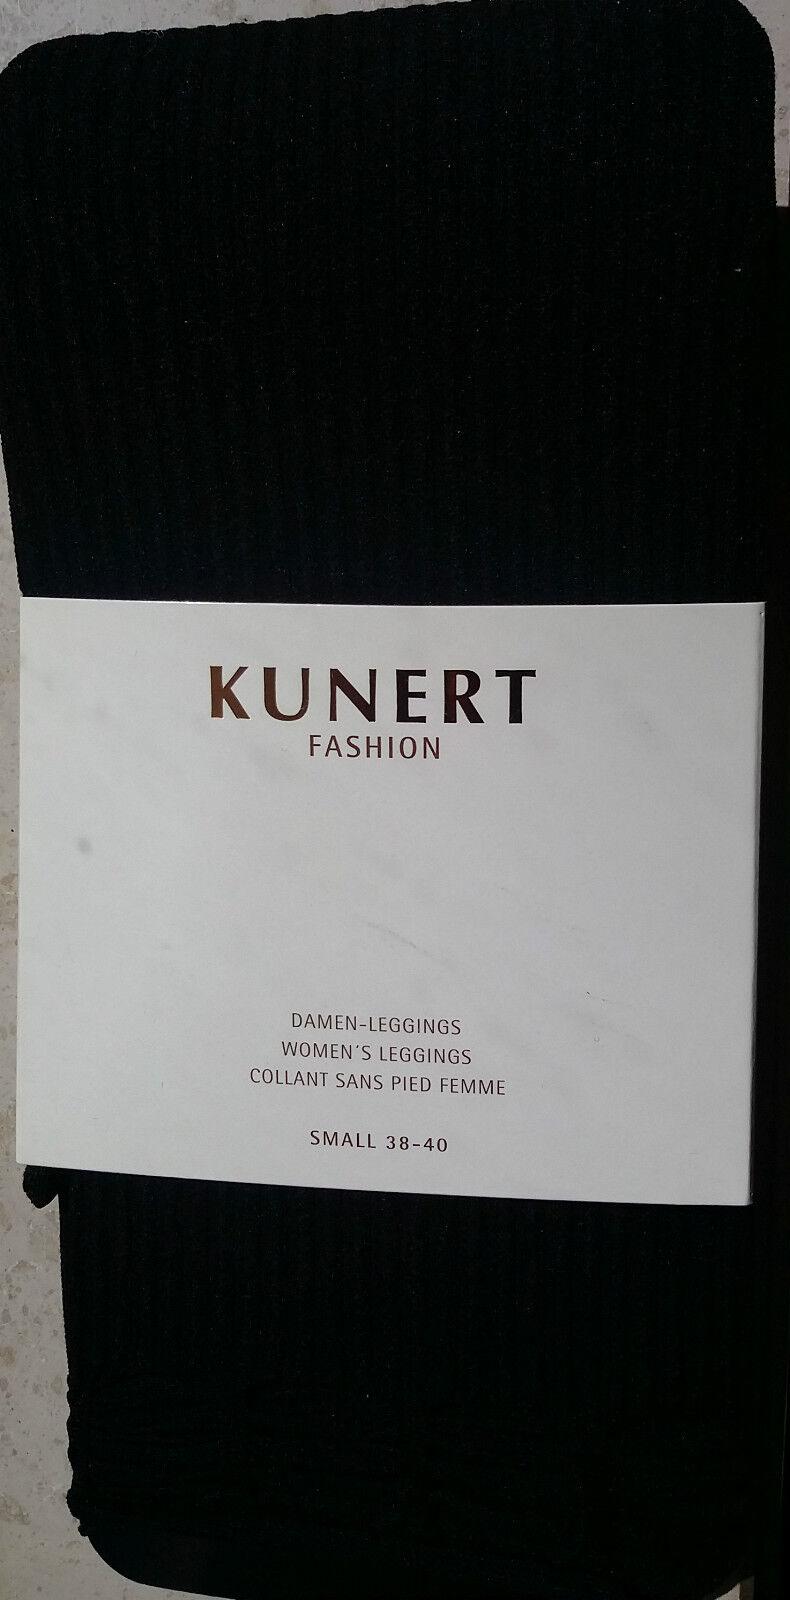 Kunert Fashion Leggings feingerippt supersofte Qualität Modell 385510 Netz